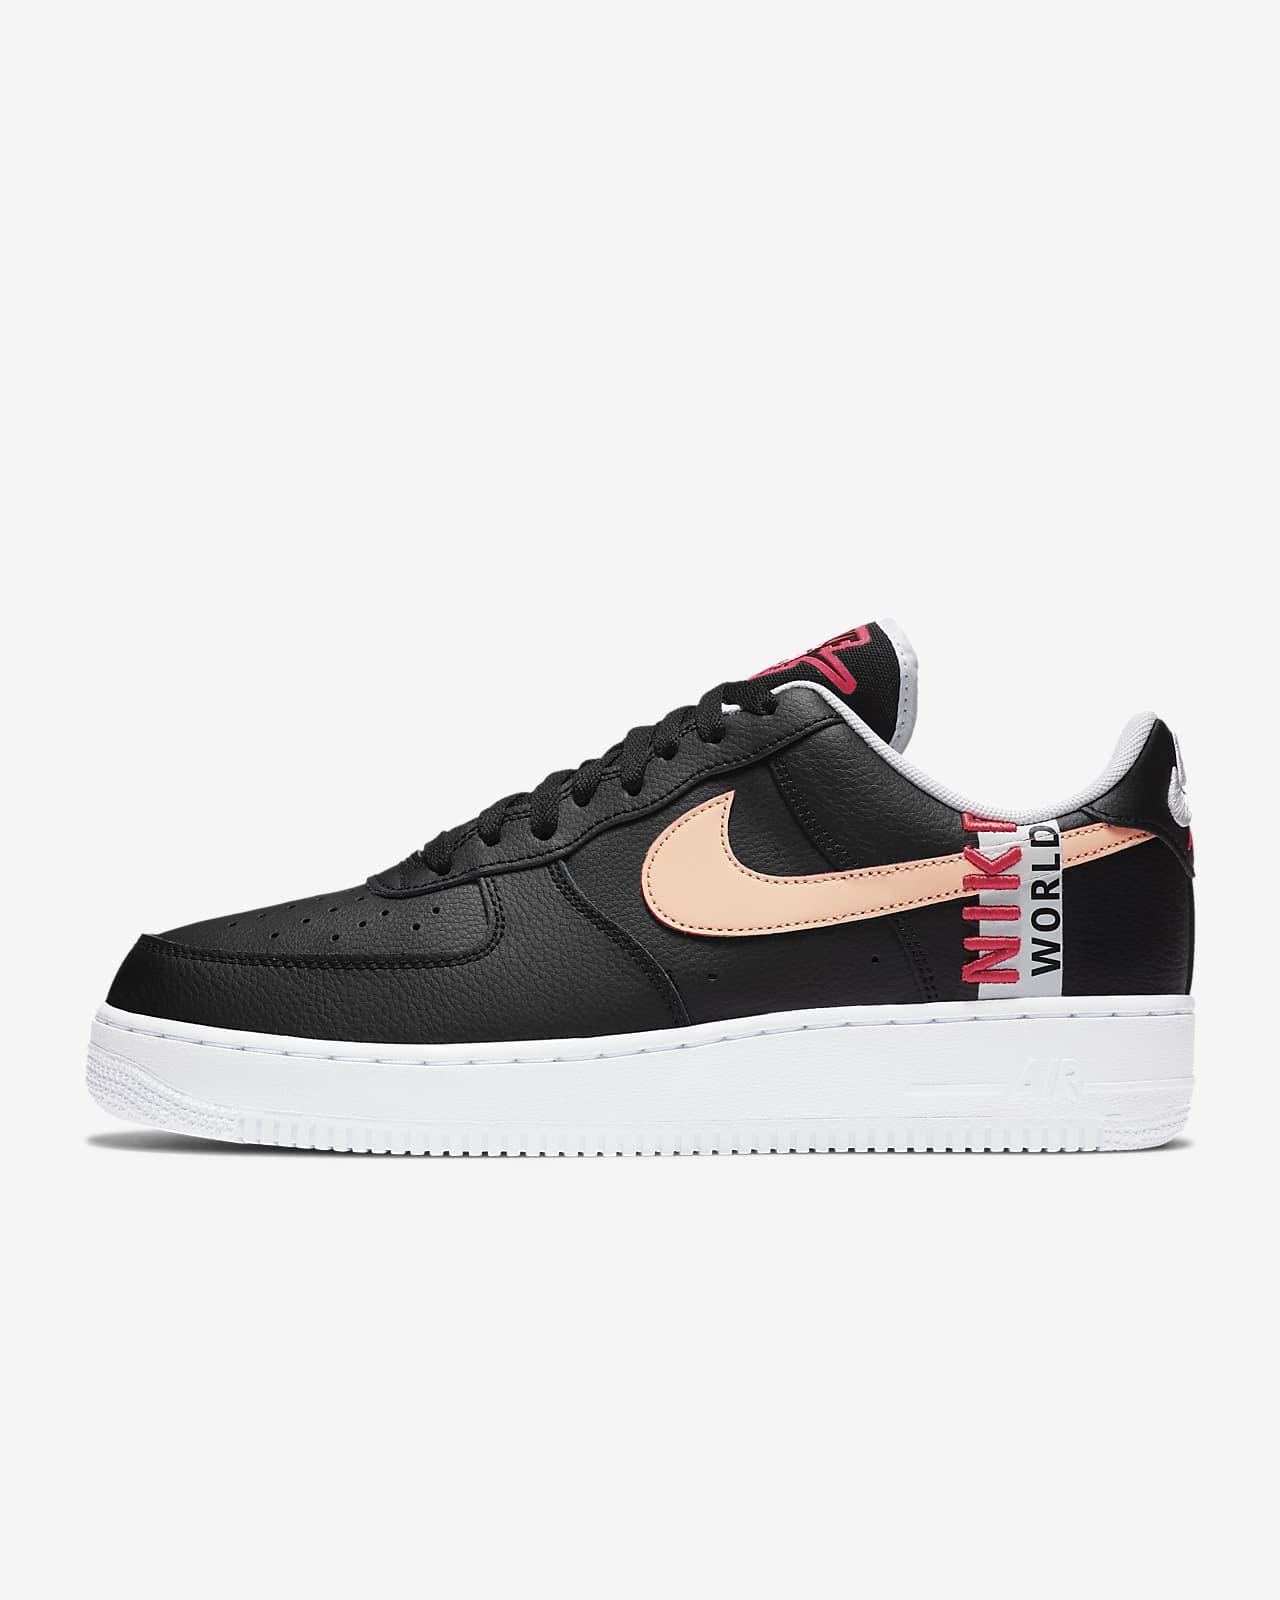 รองเท้าผู้ชาย Nike Air Force 1 '07 LV8 WW